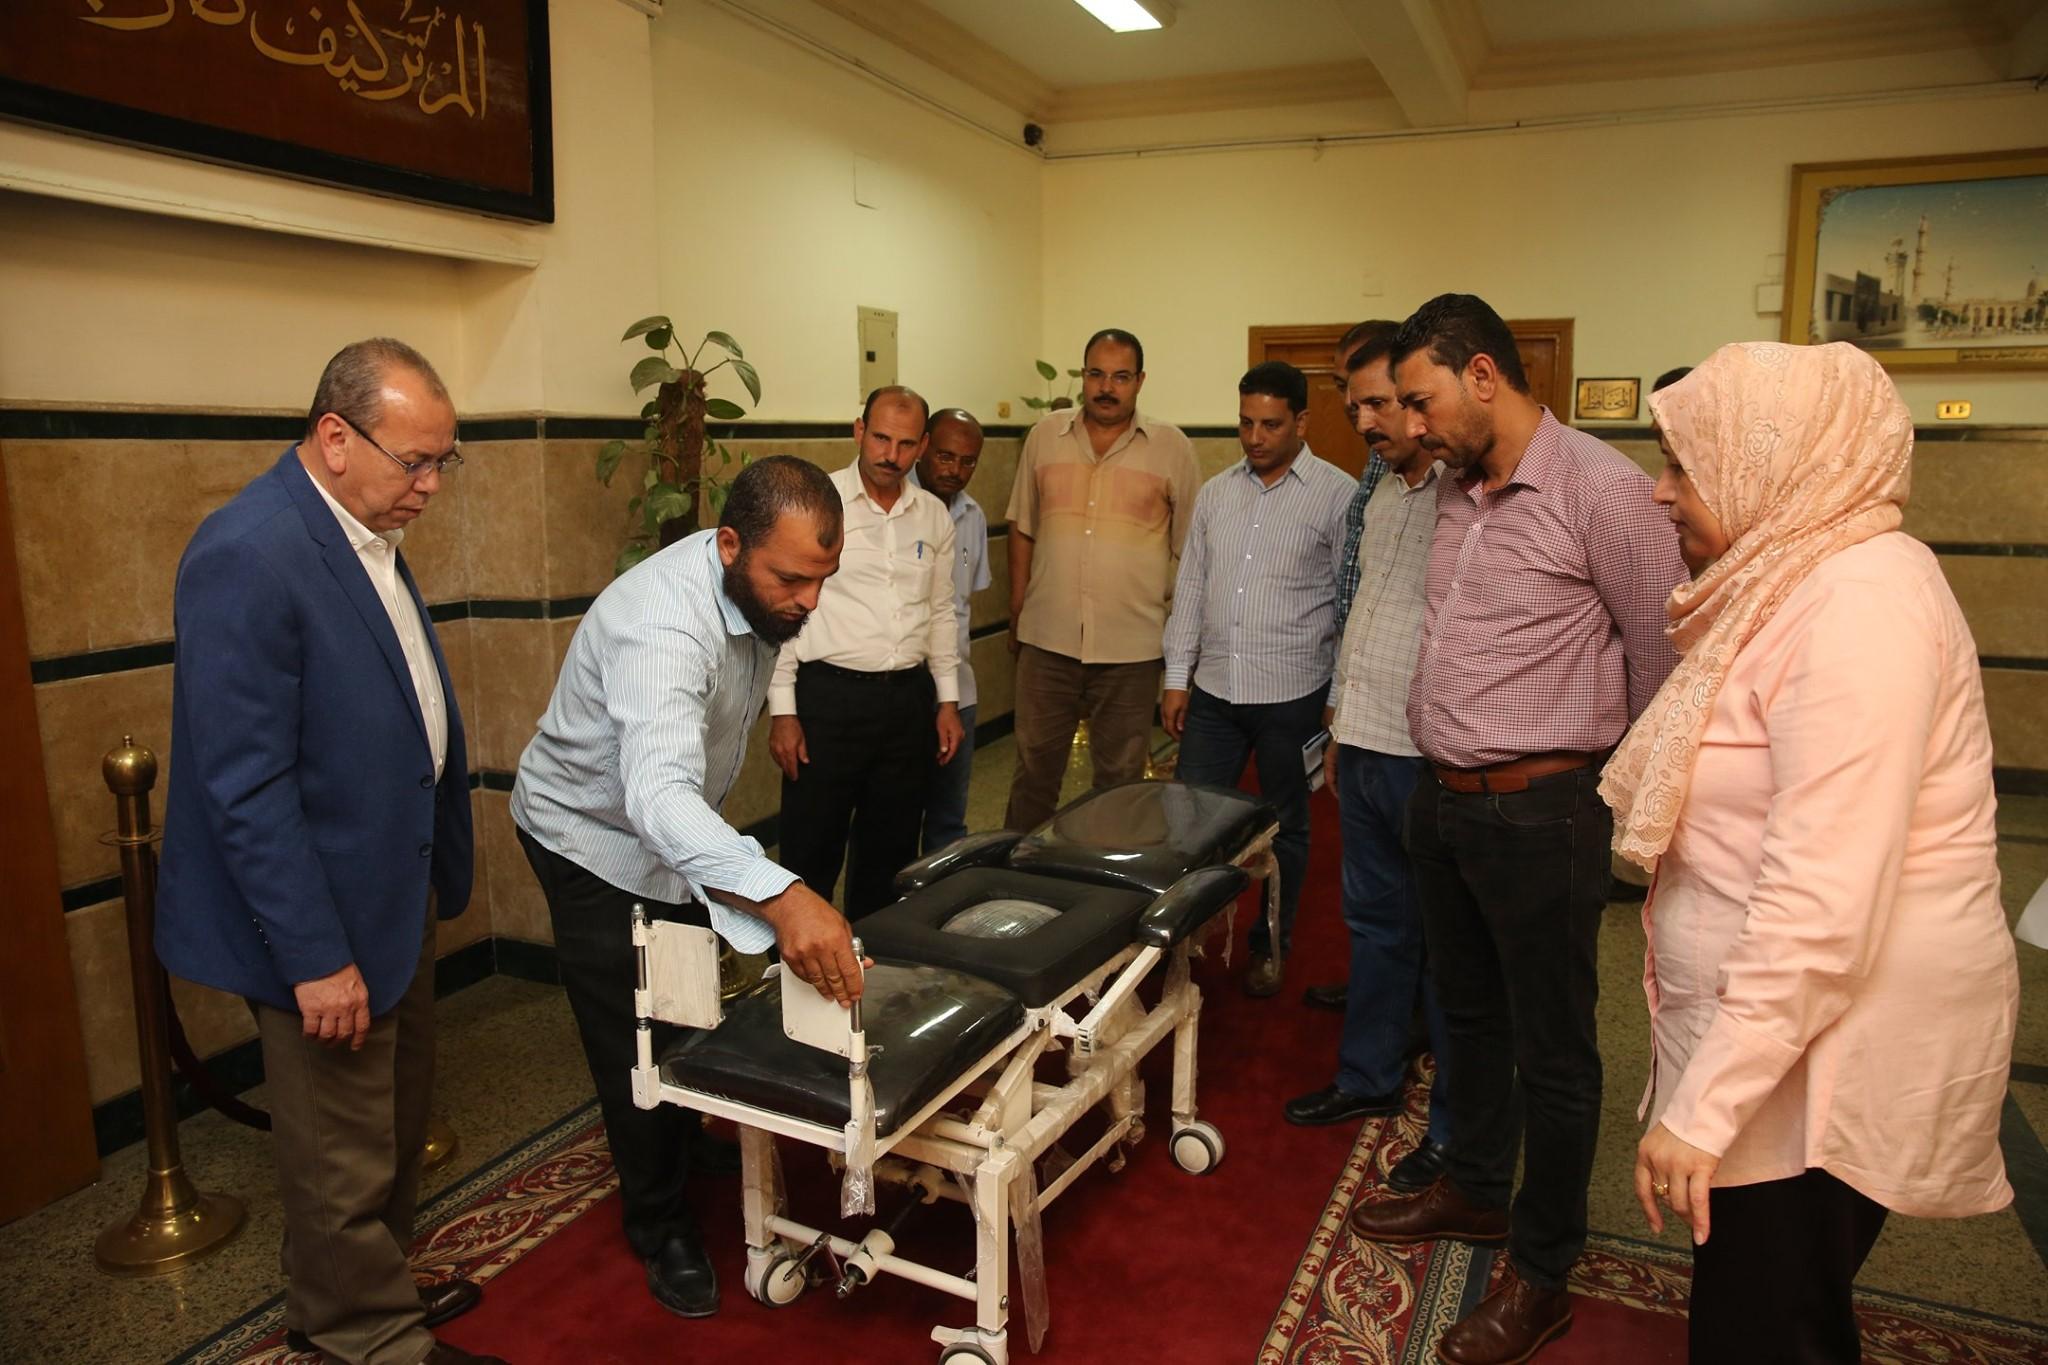 محافظ كفر الشيخ يكرم مخترع من ذوى الاحتياجات الخاصة لابتكاره كرسى طبى متحرك لنقل المرضى (4)